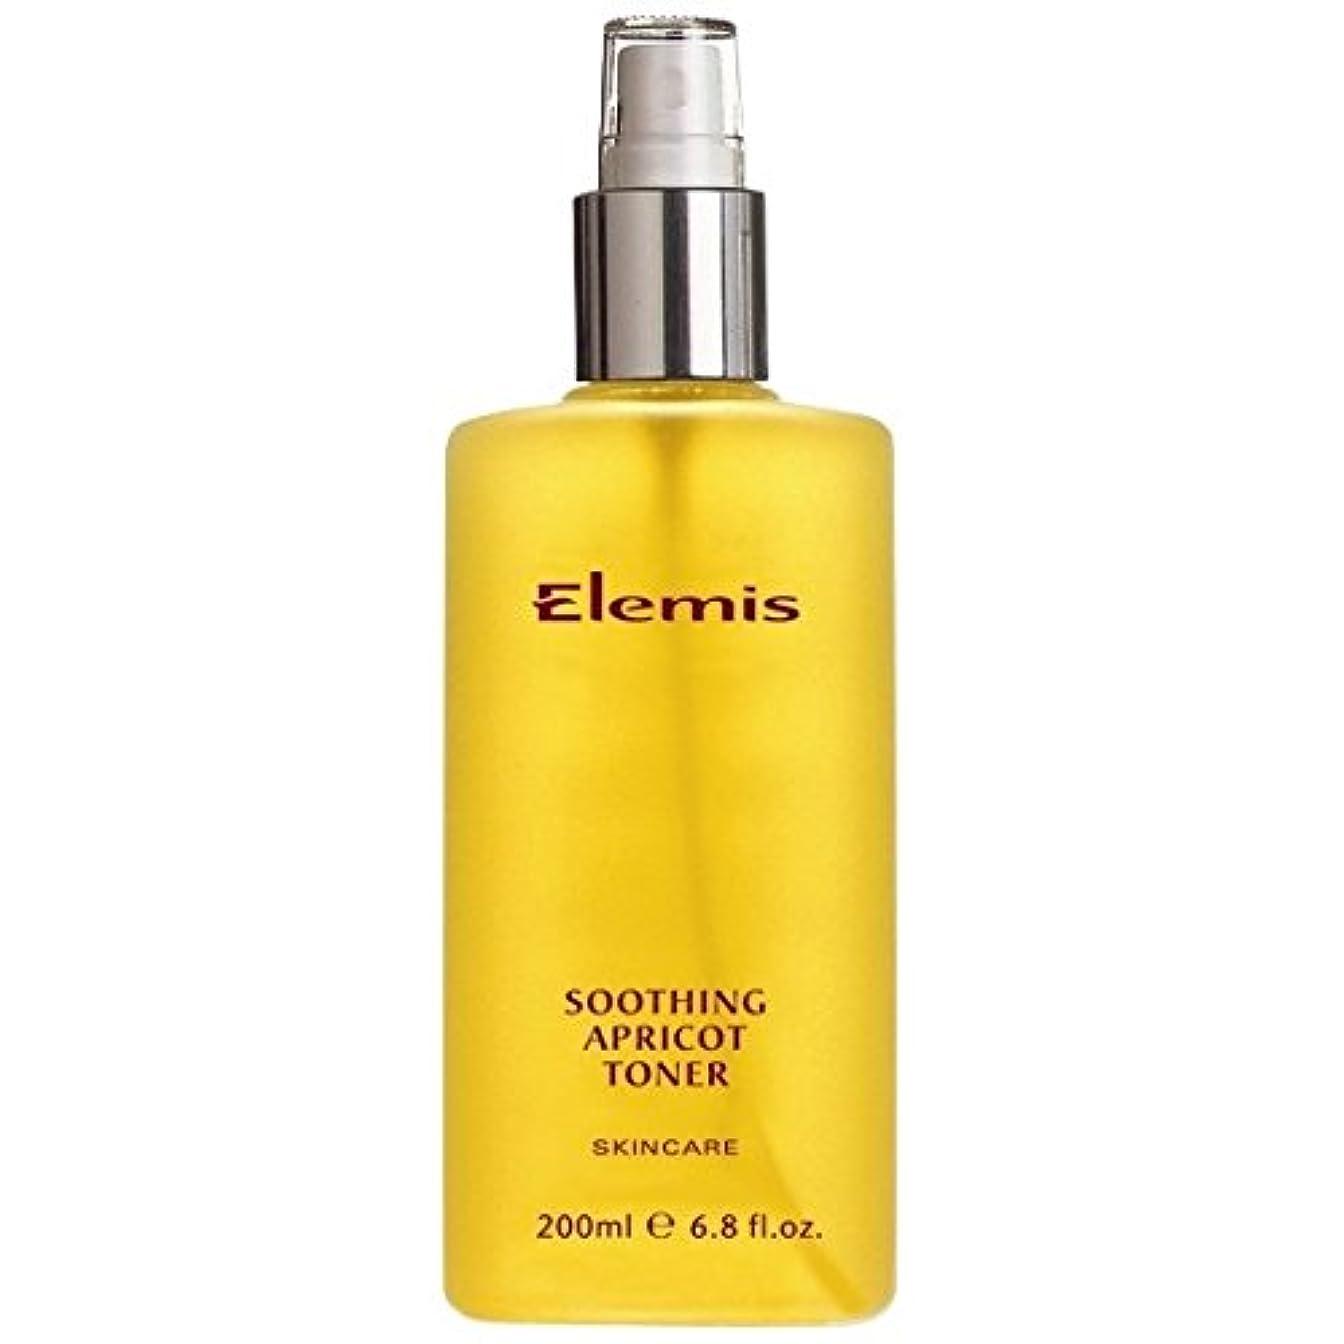 ヒョウ絶滅した驚かすエレミスはなだめるようなアプリコットトナーをスキンケア (Elemis) (x2) - Elemis Skincare Soothing Apricot Toner (Pack of 2) [並行輸入品]